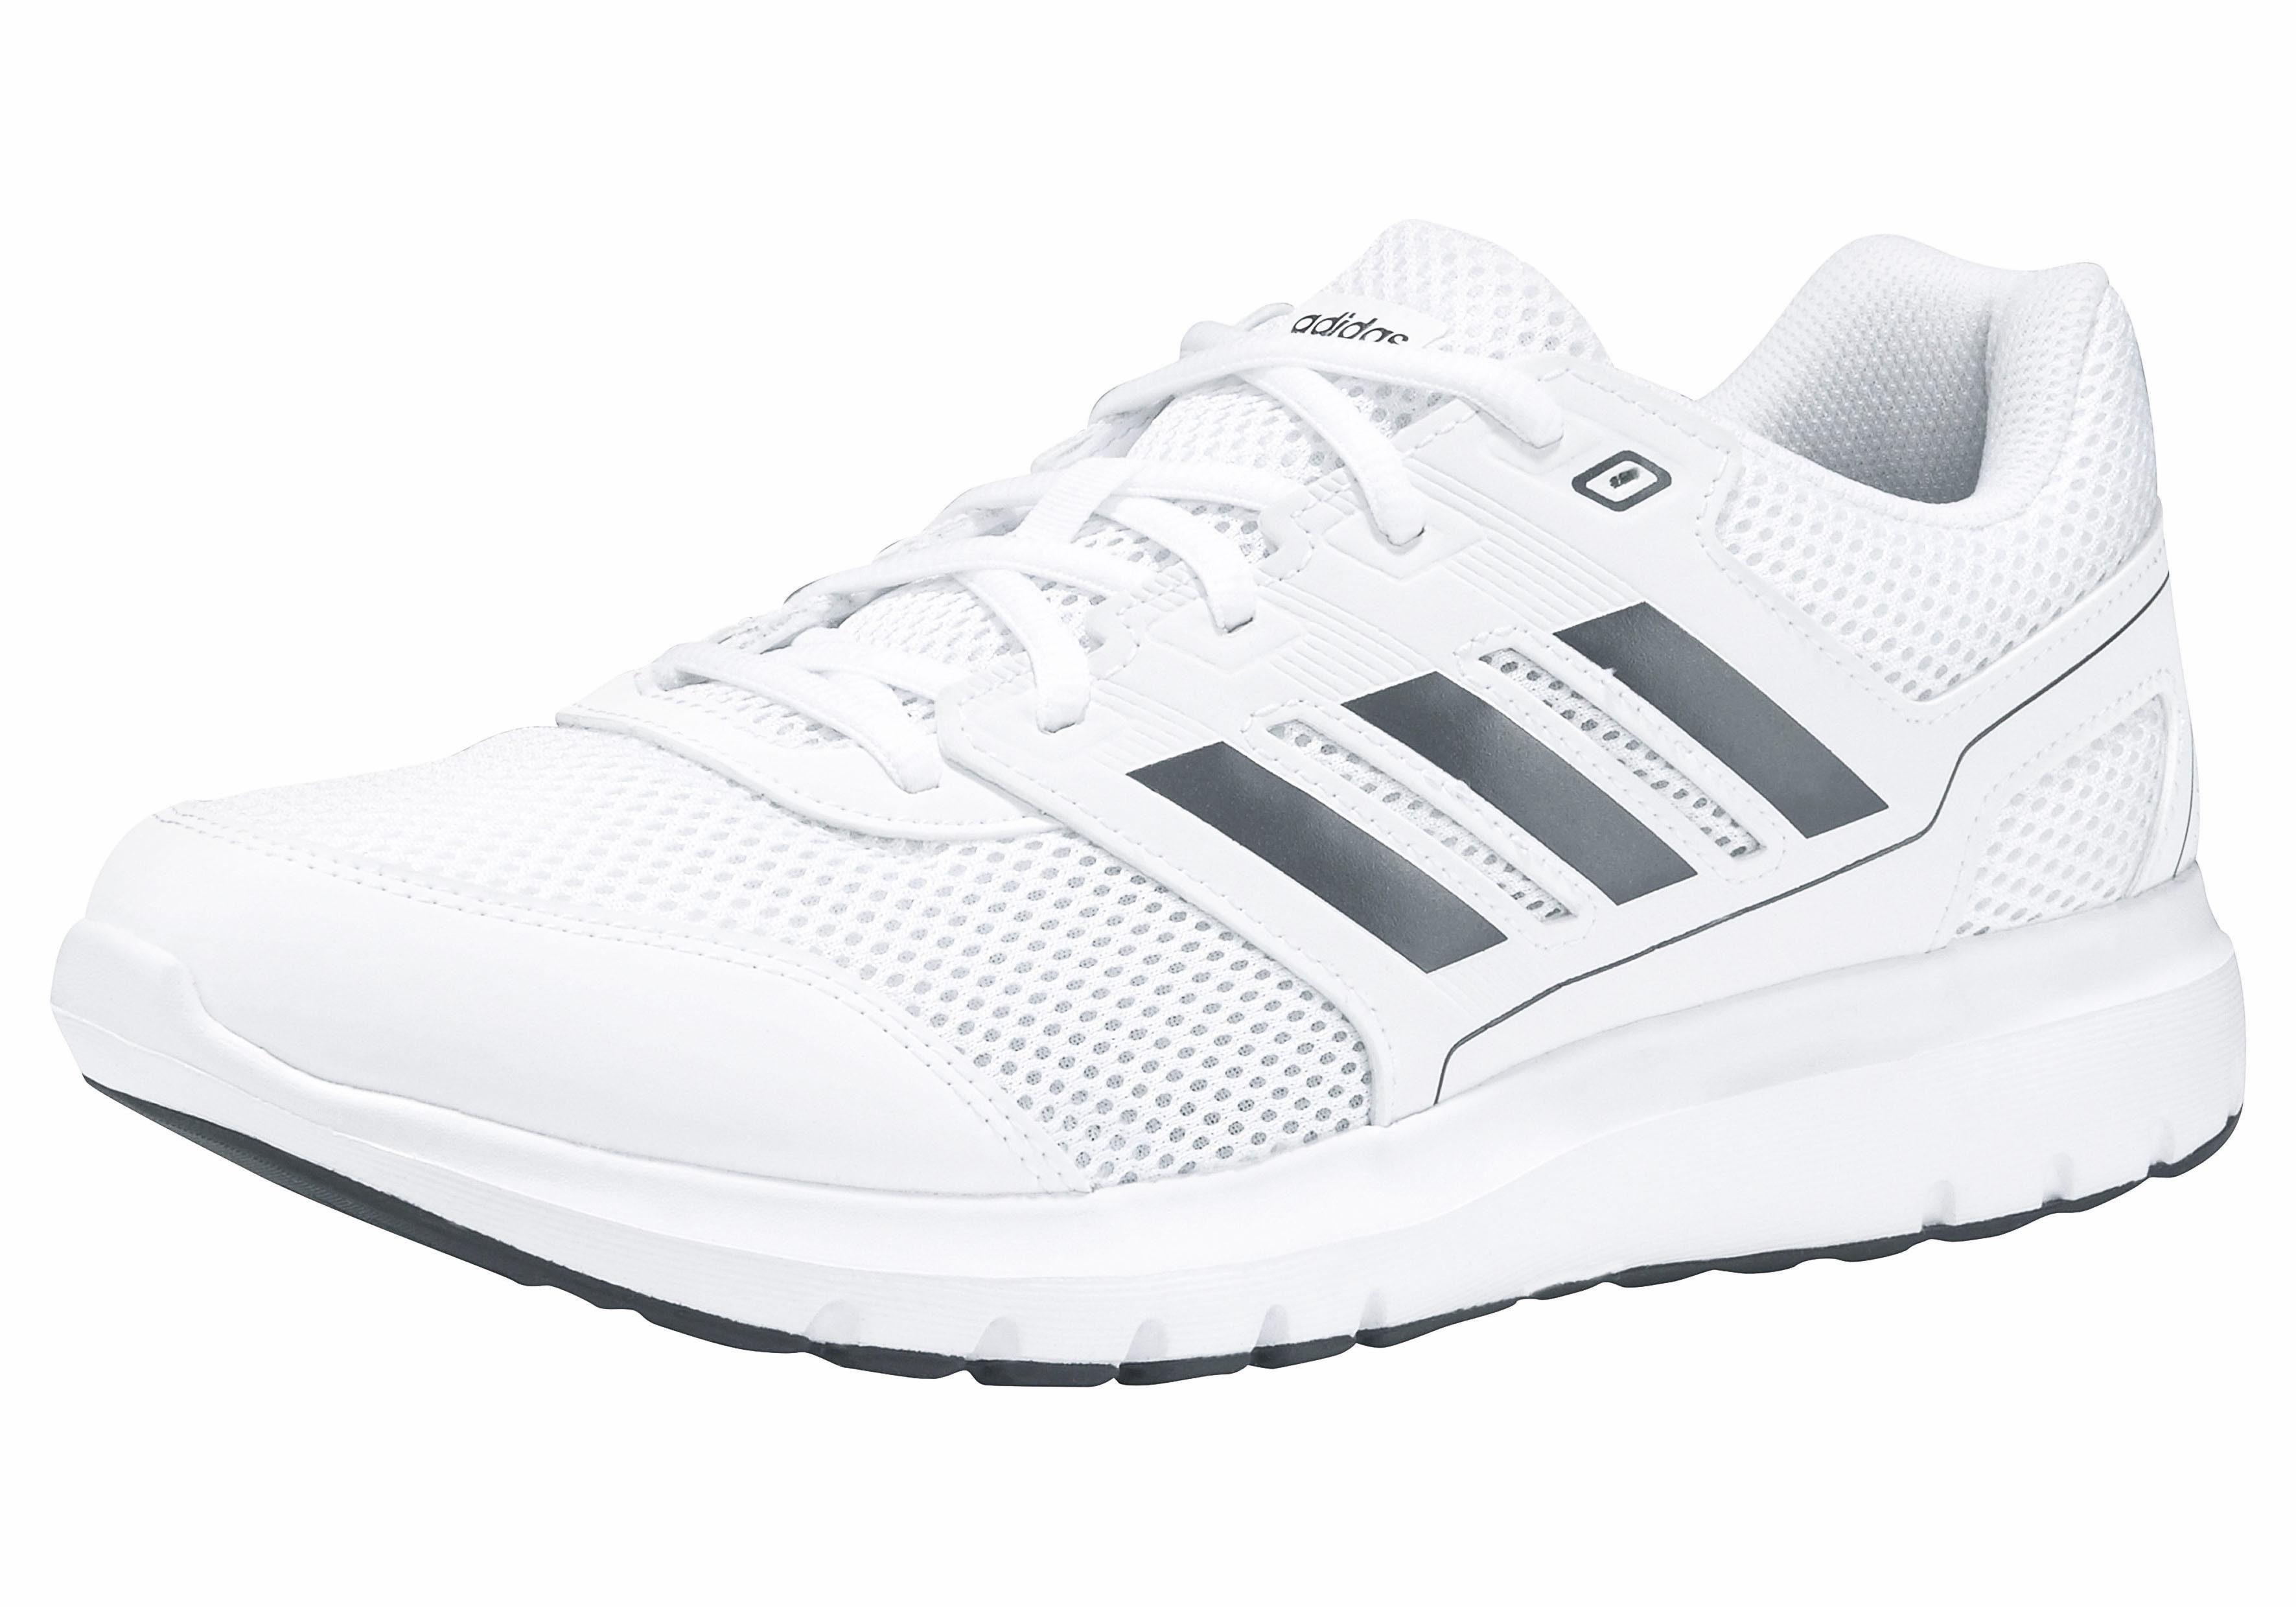 adidas »Duramo Lite 2.0 M« Laufschuh online kaufen | OTTO